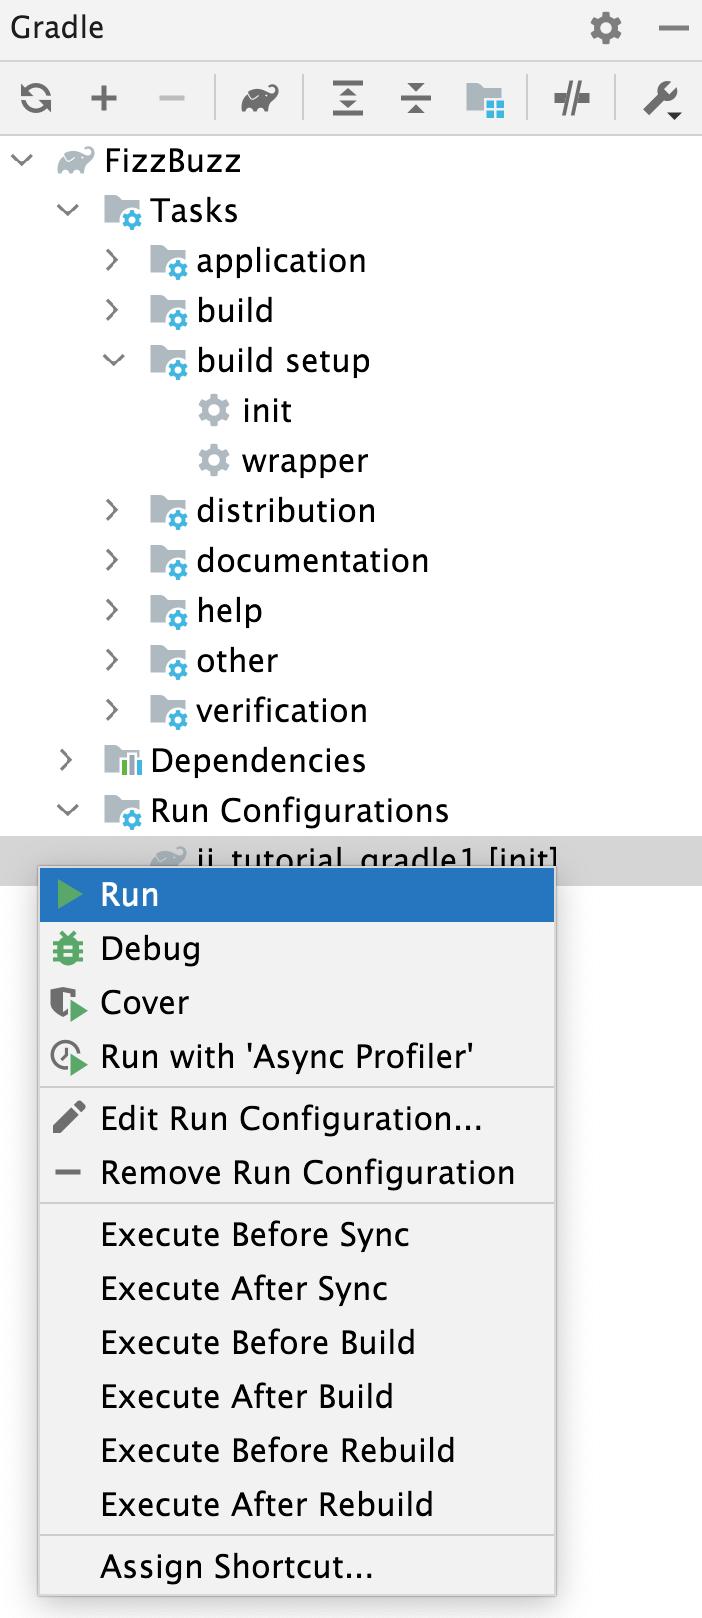 Run Configurations: the context menu